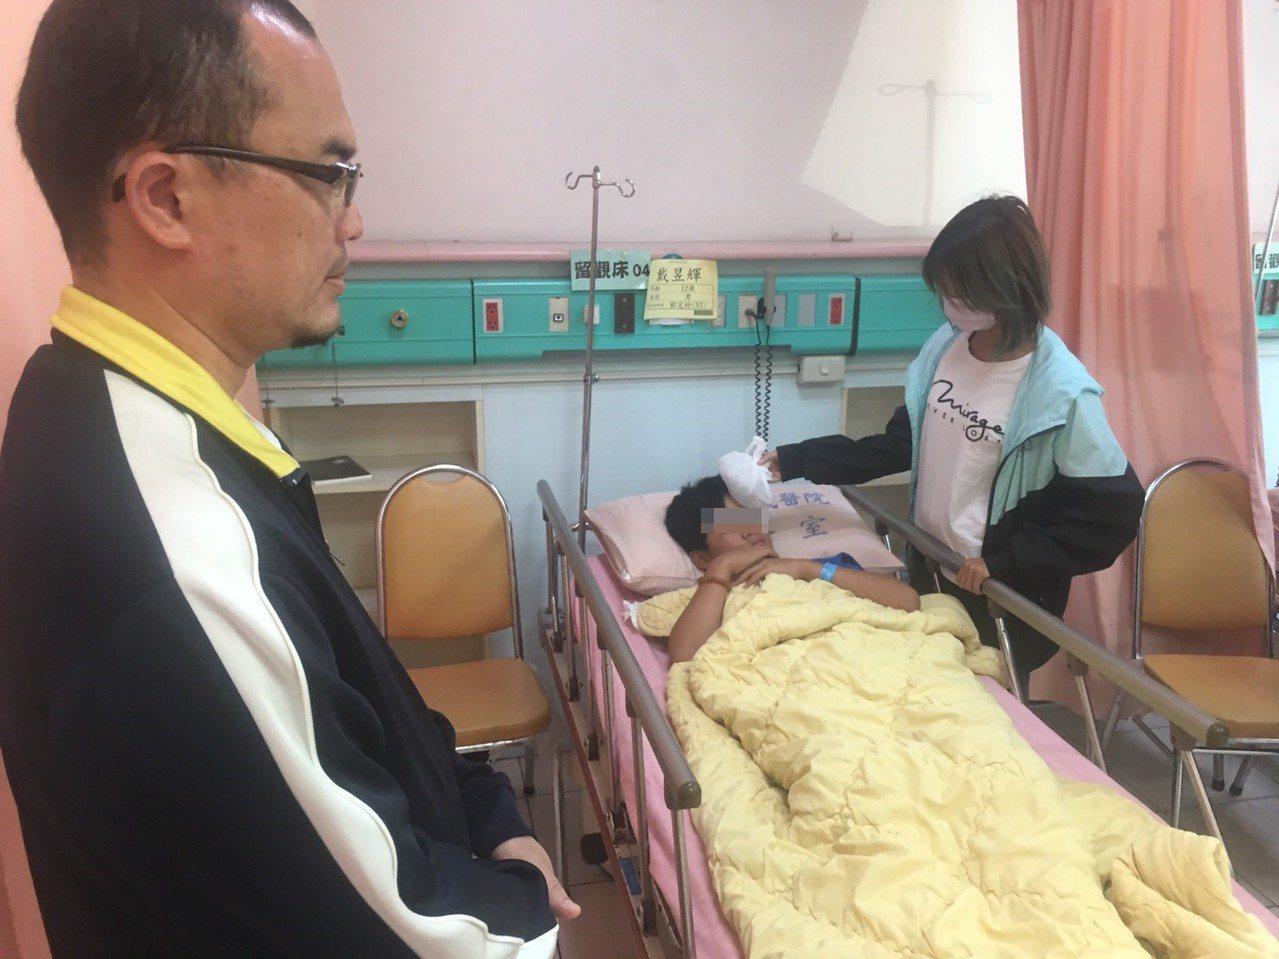 學生後來由家長帶至醫院檢查,目前還在醫院觀察中。林姓體育老師到醫院探視學生,也向...